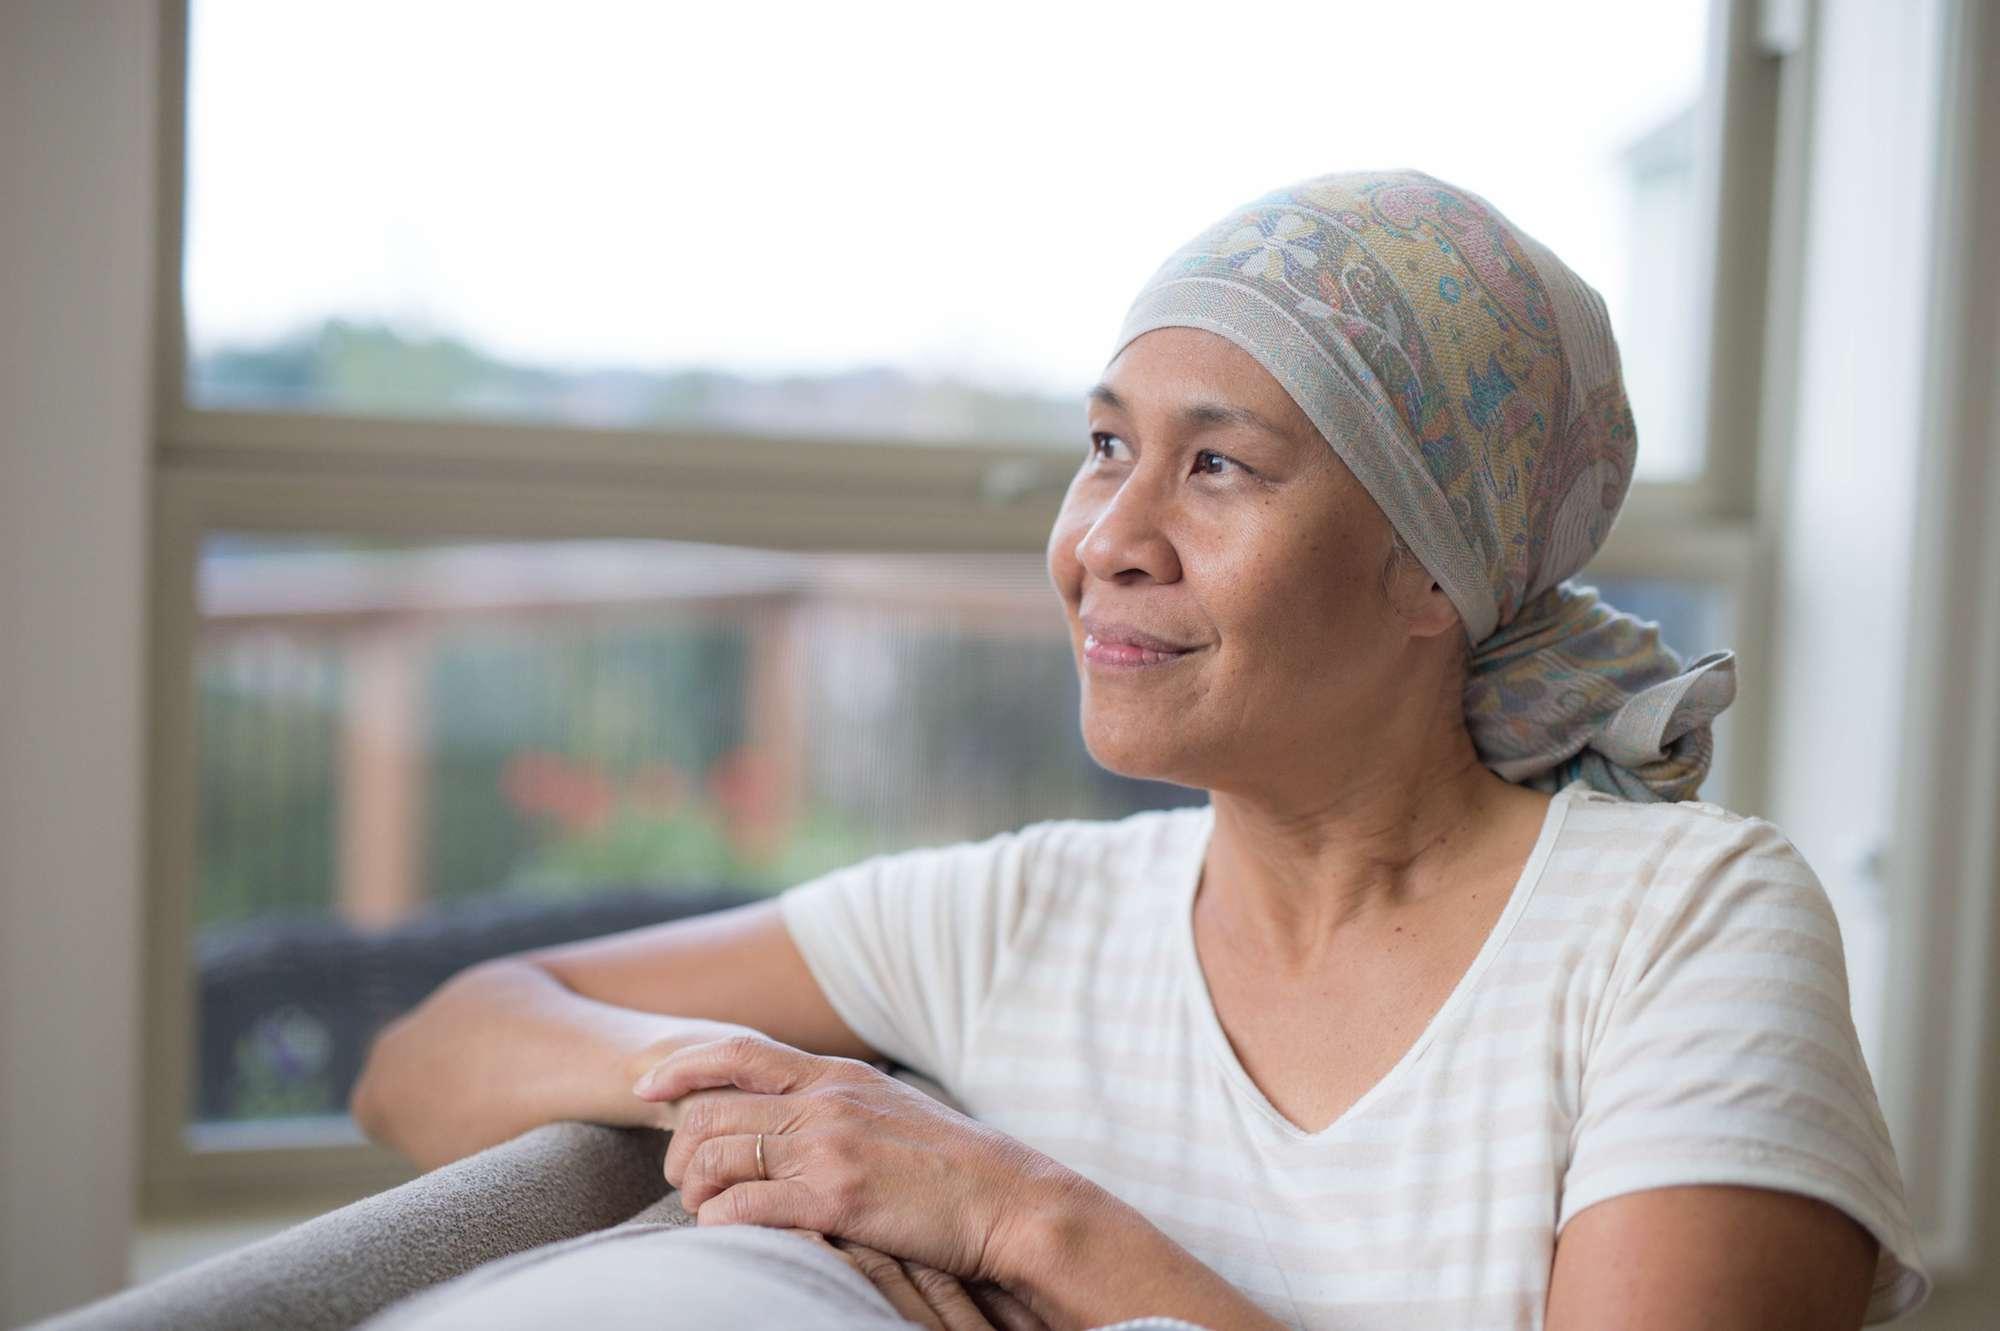 Woman in head wrap looking outside the window